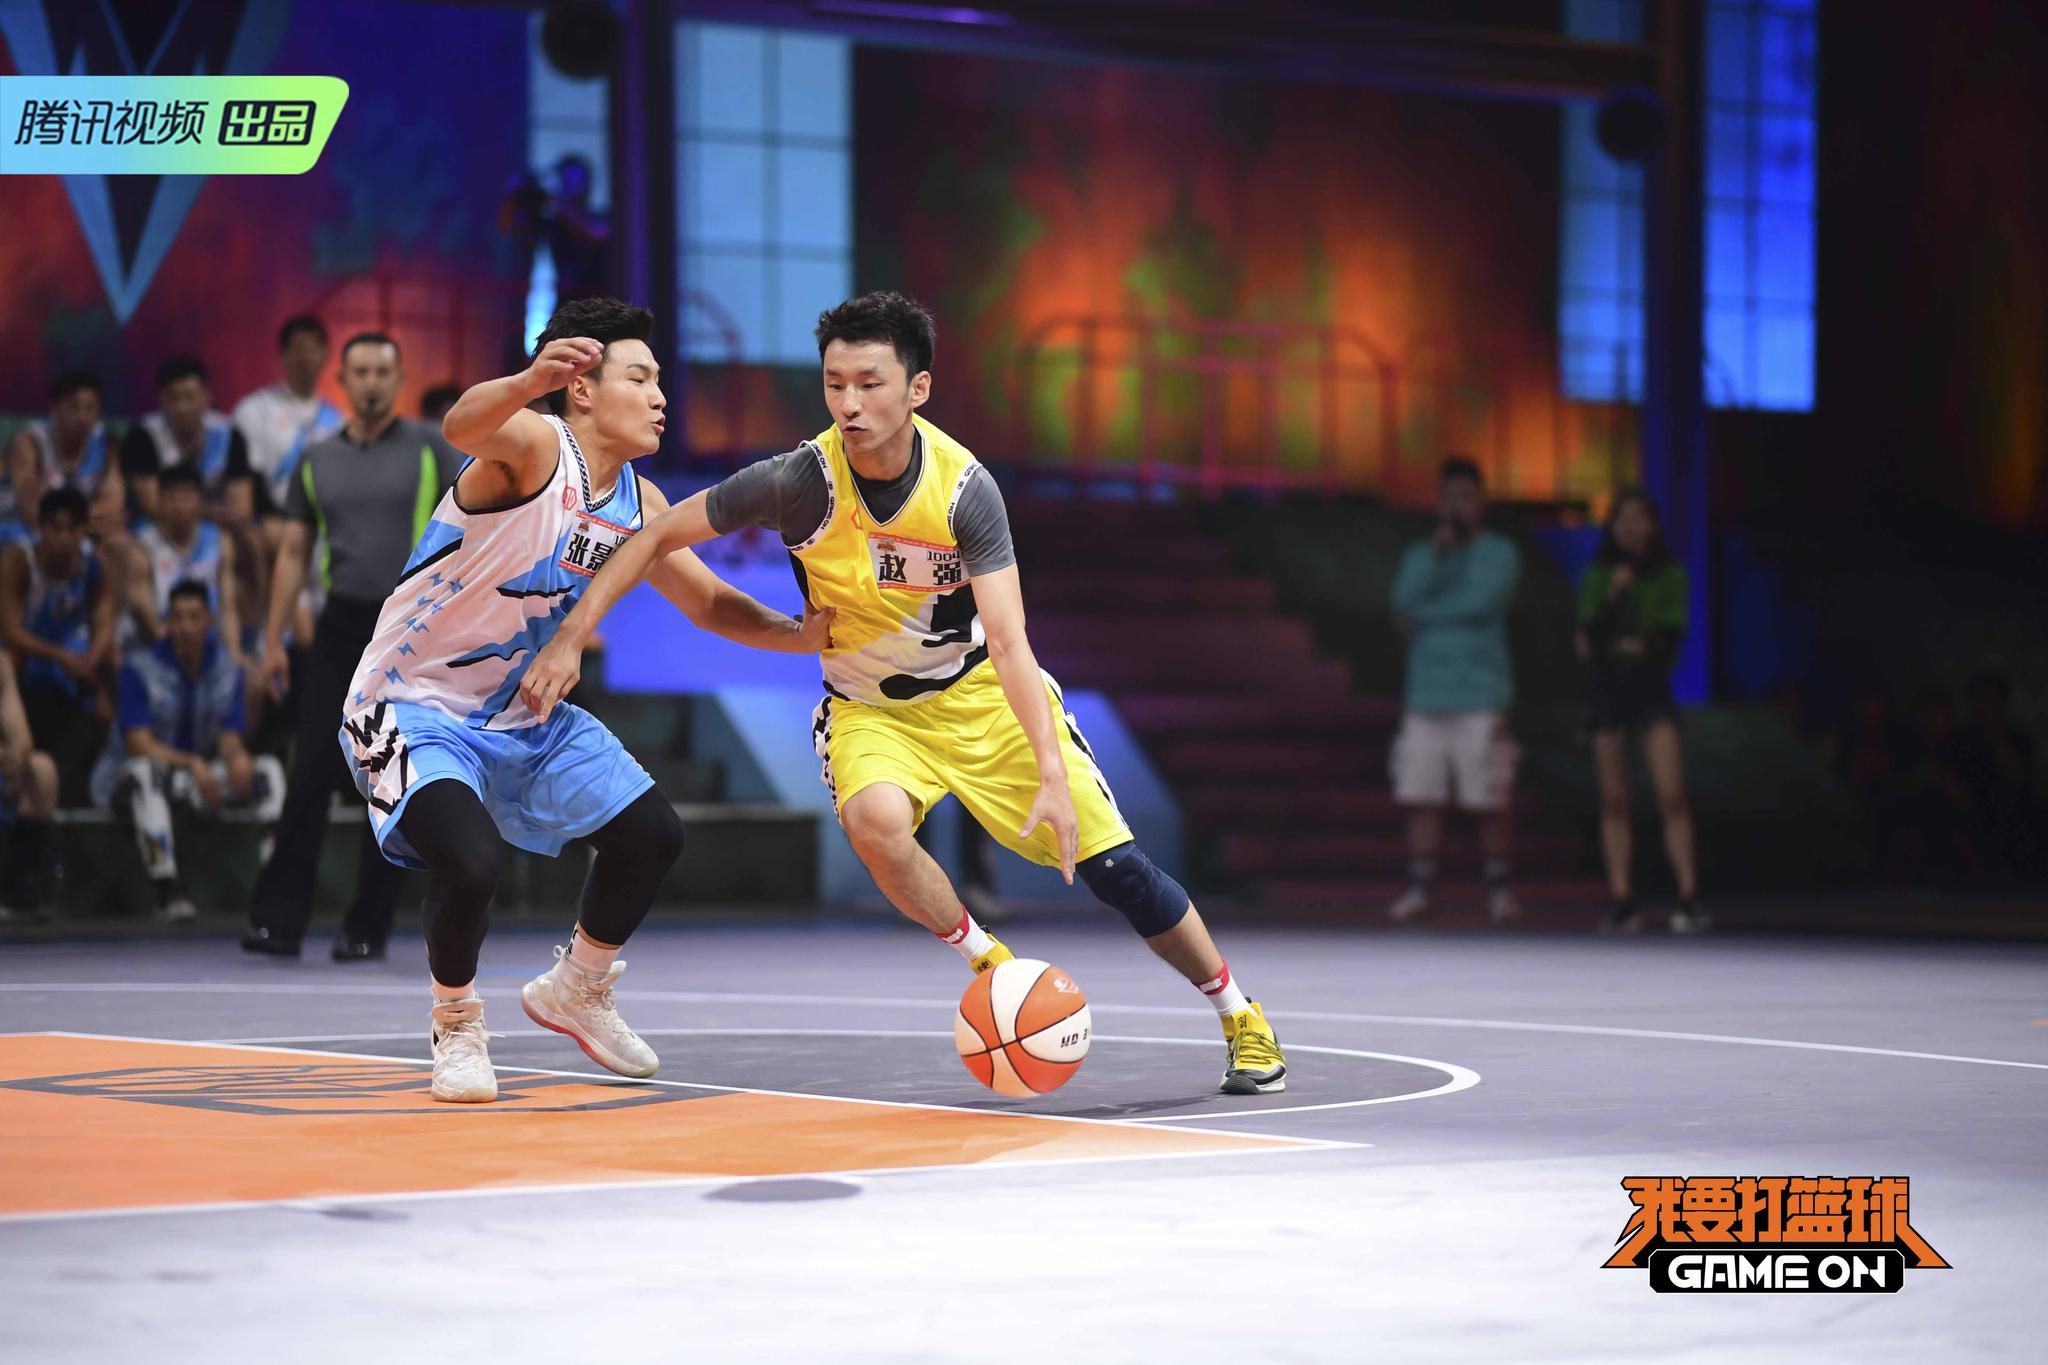 《我要打篮球》林书豪自曝看队员比赛紧张杜锋强调认真打球!